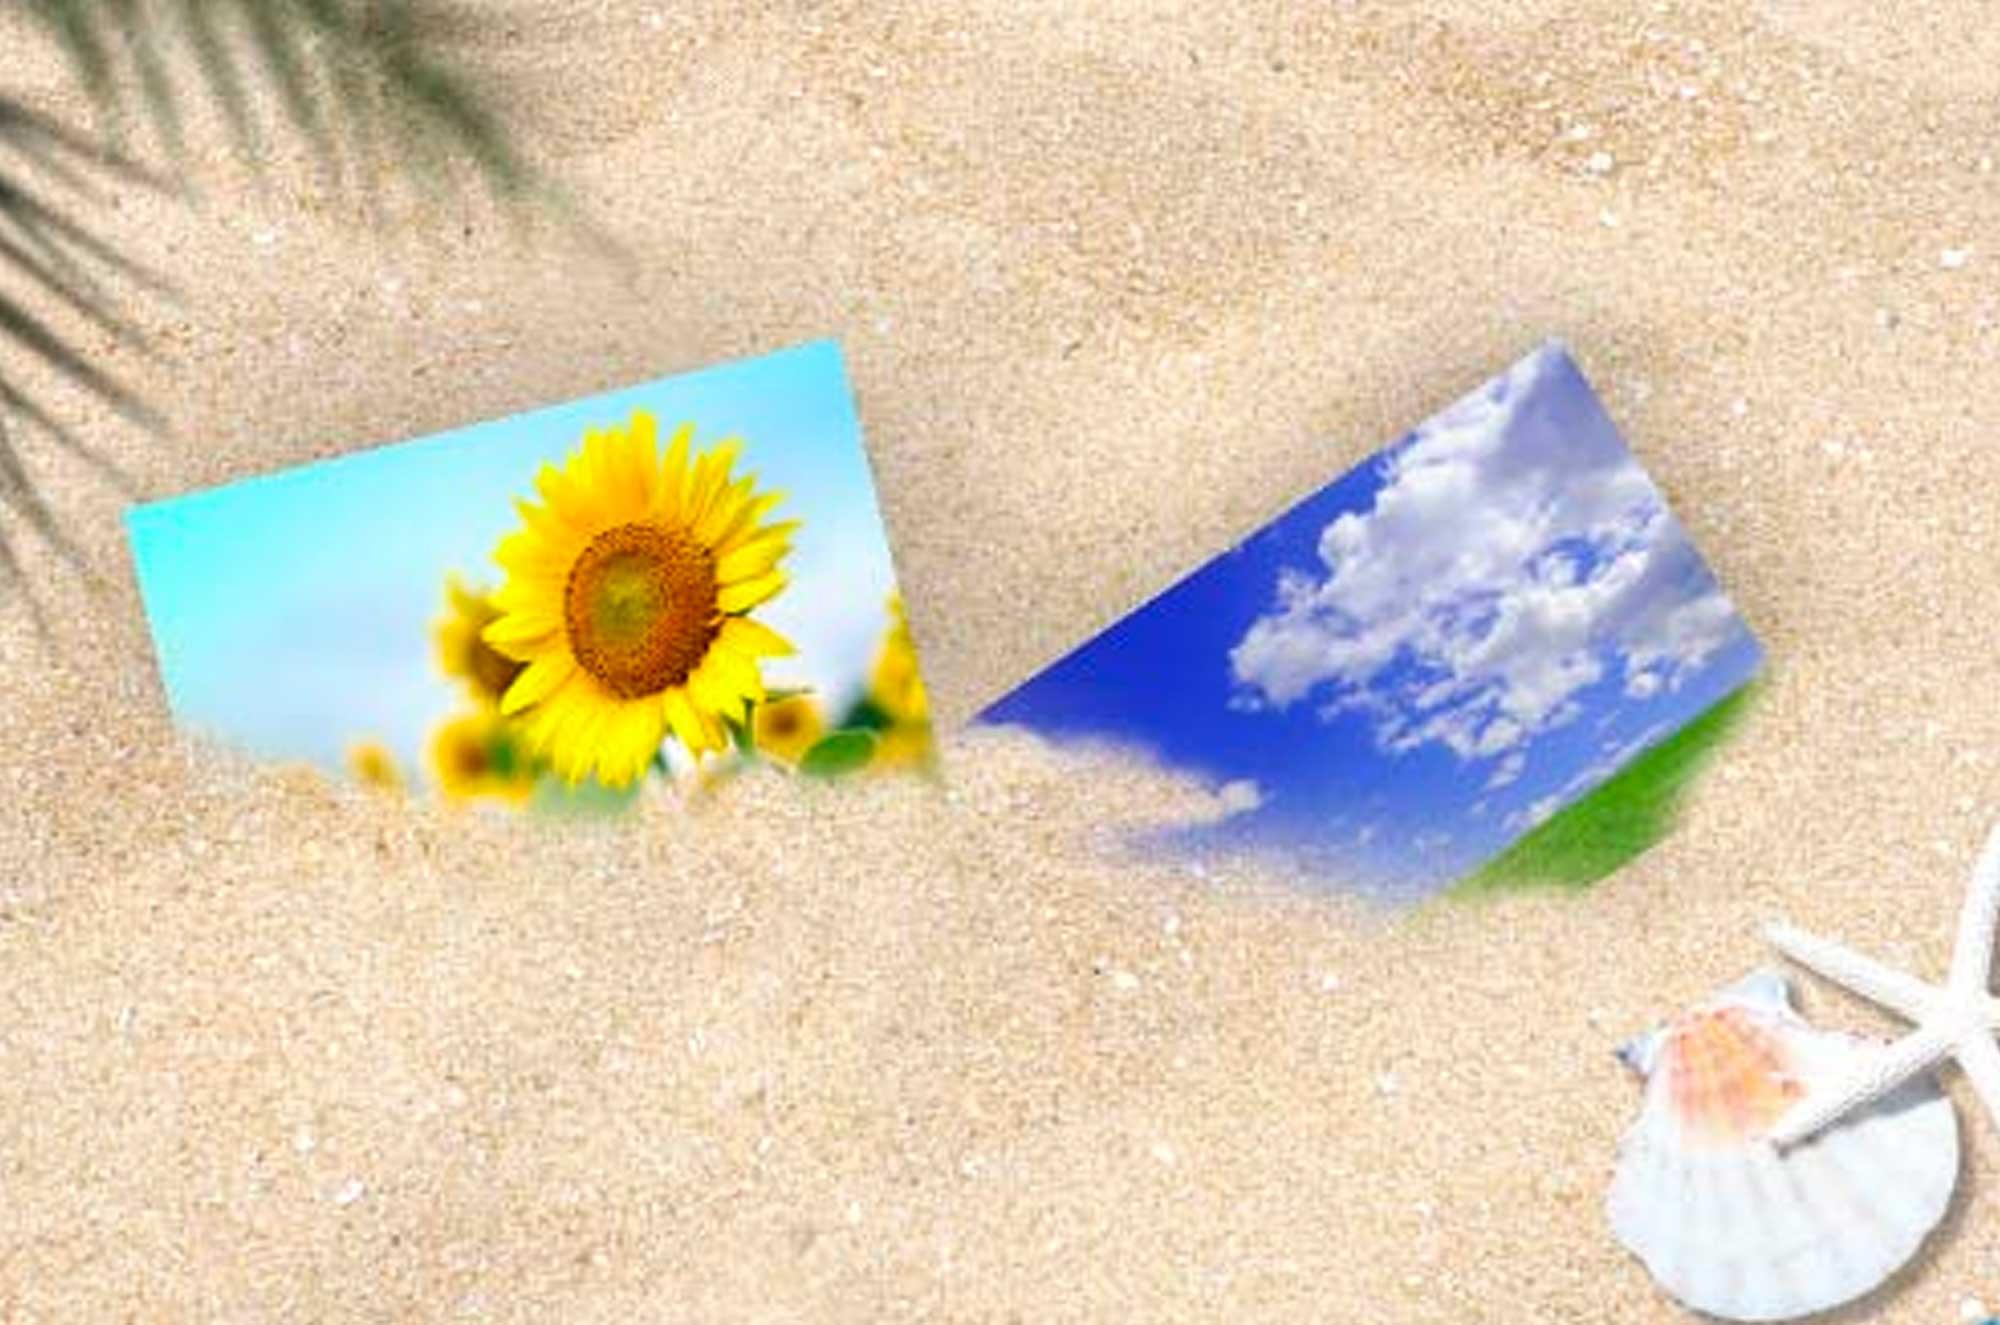 フォトショップで作る砂に埋もれた合成写真の作り方